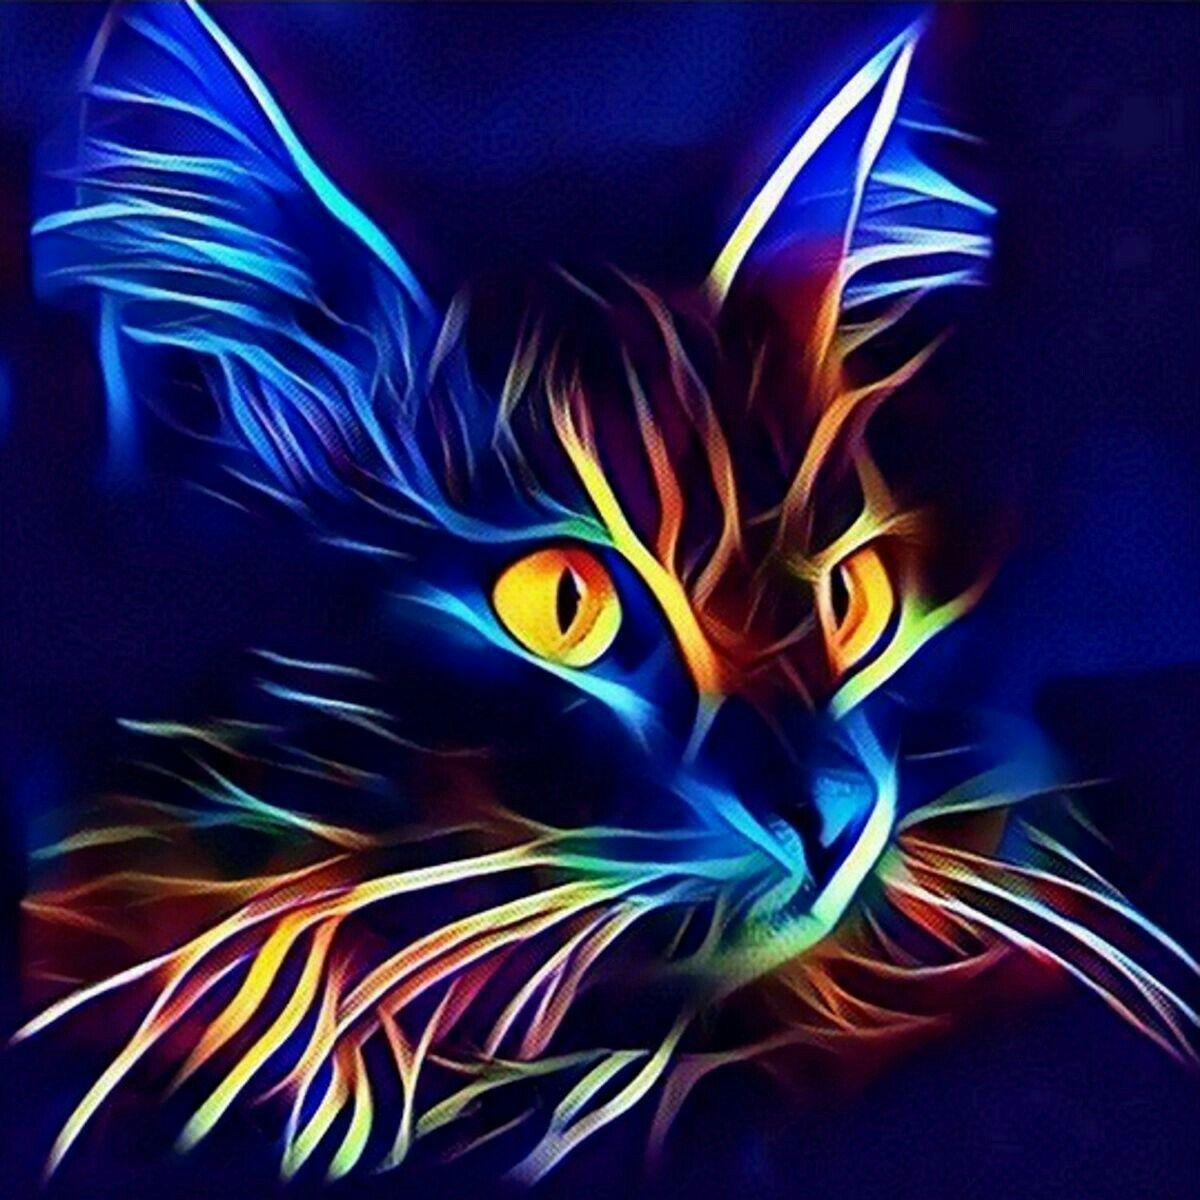 Epingle Par Maca Escalada Sur Gatos En 2020 Peinture De Chat Animaux Abstraits Peinture Chat